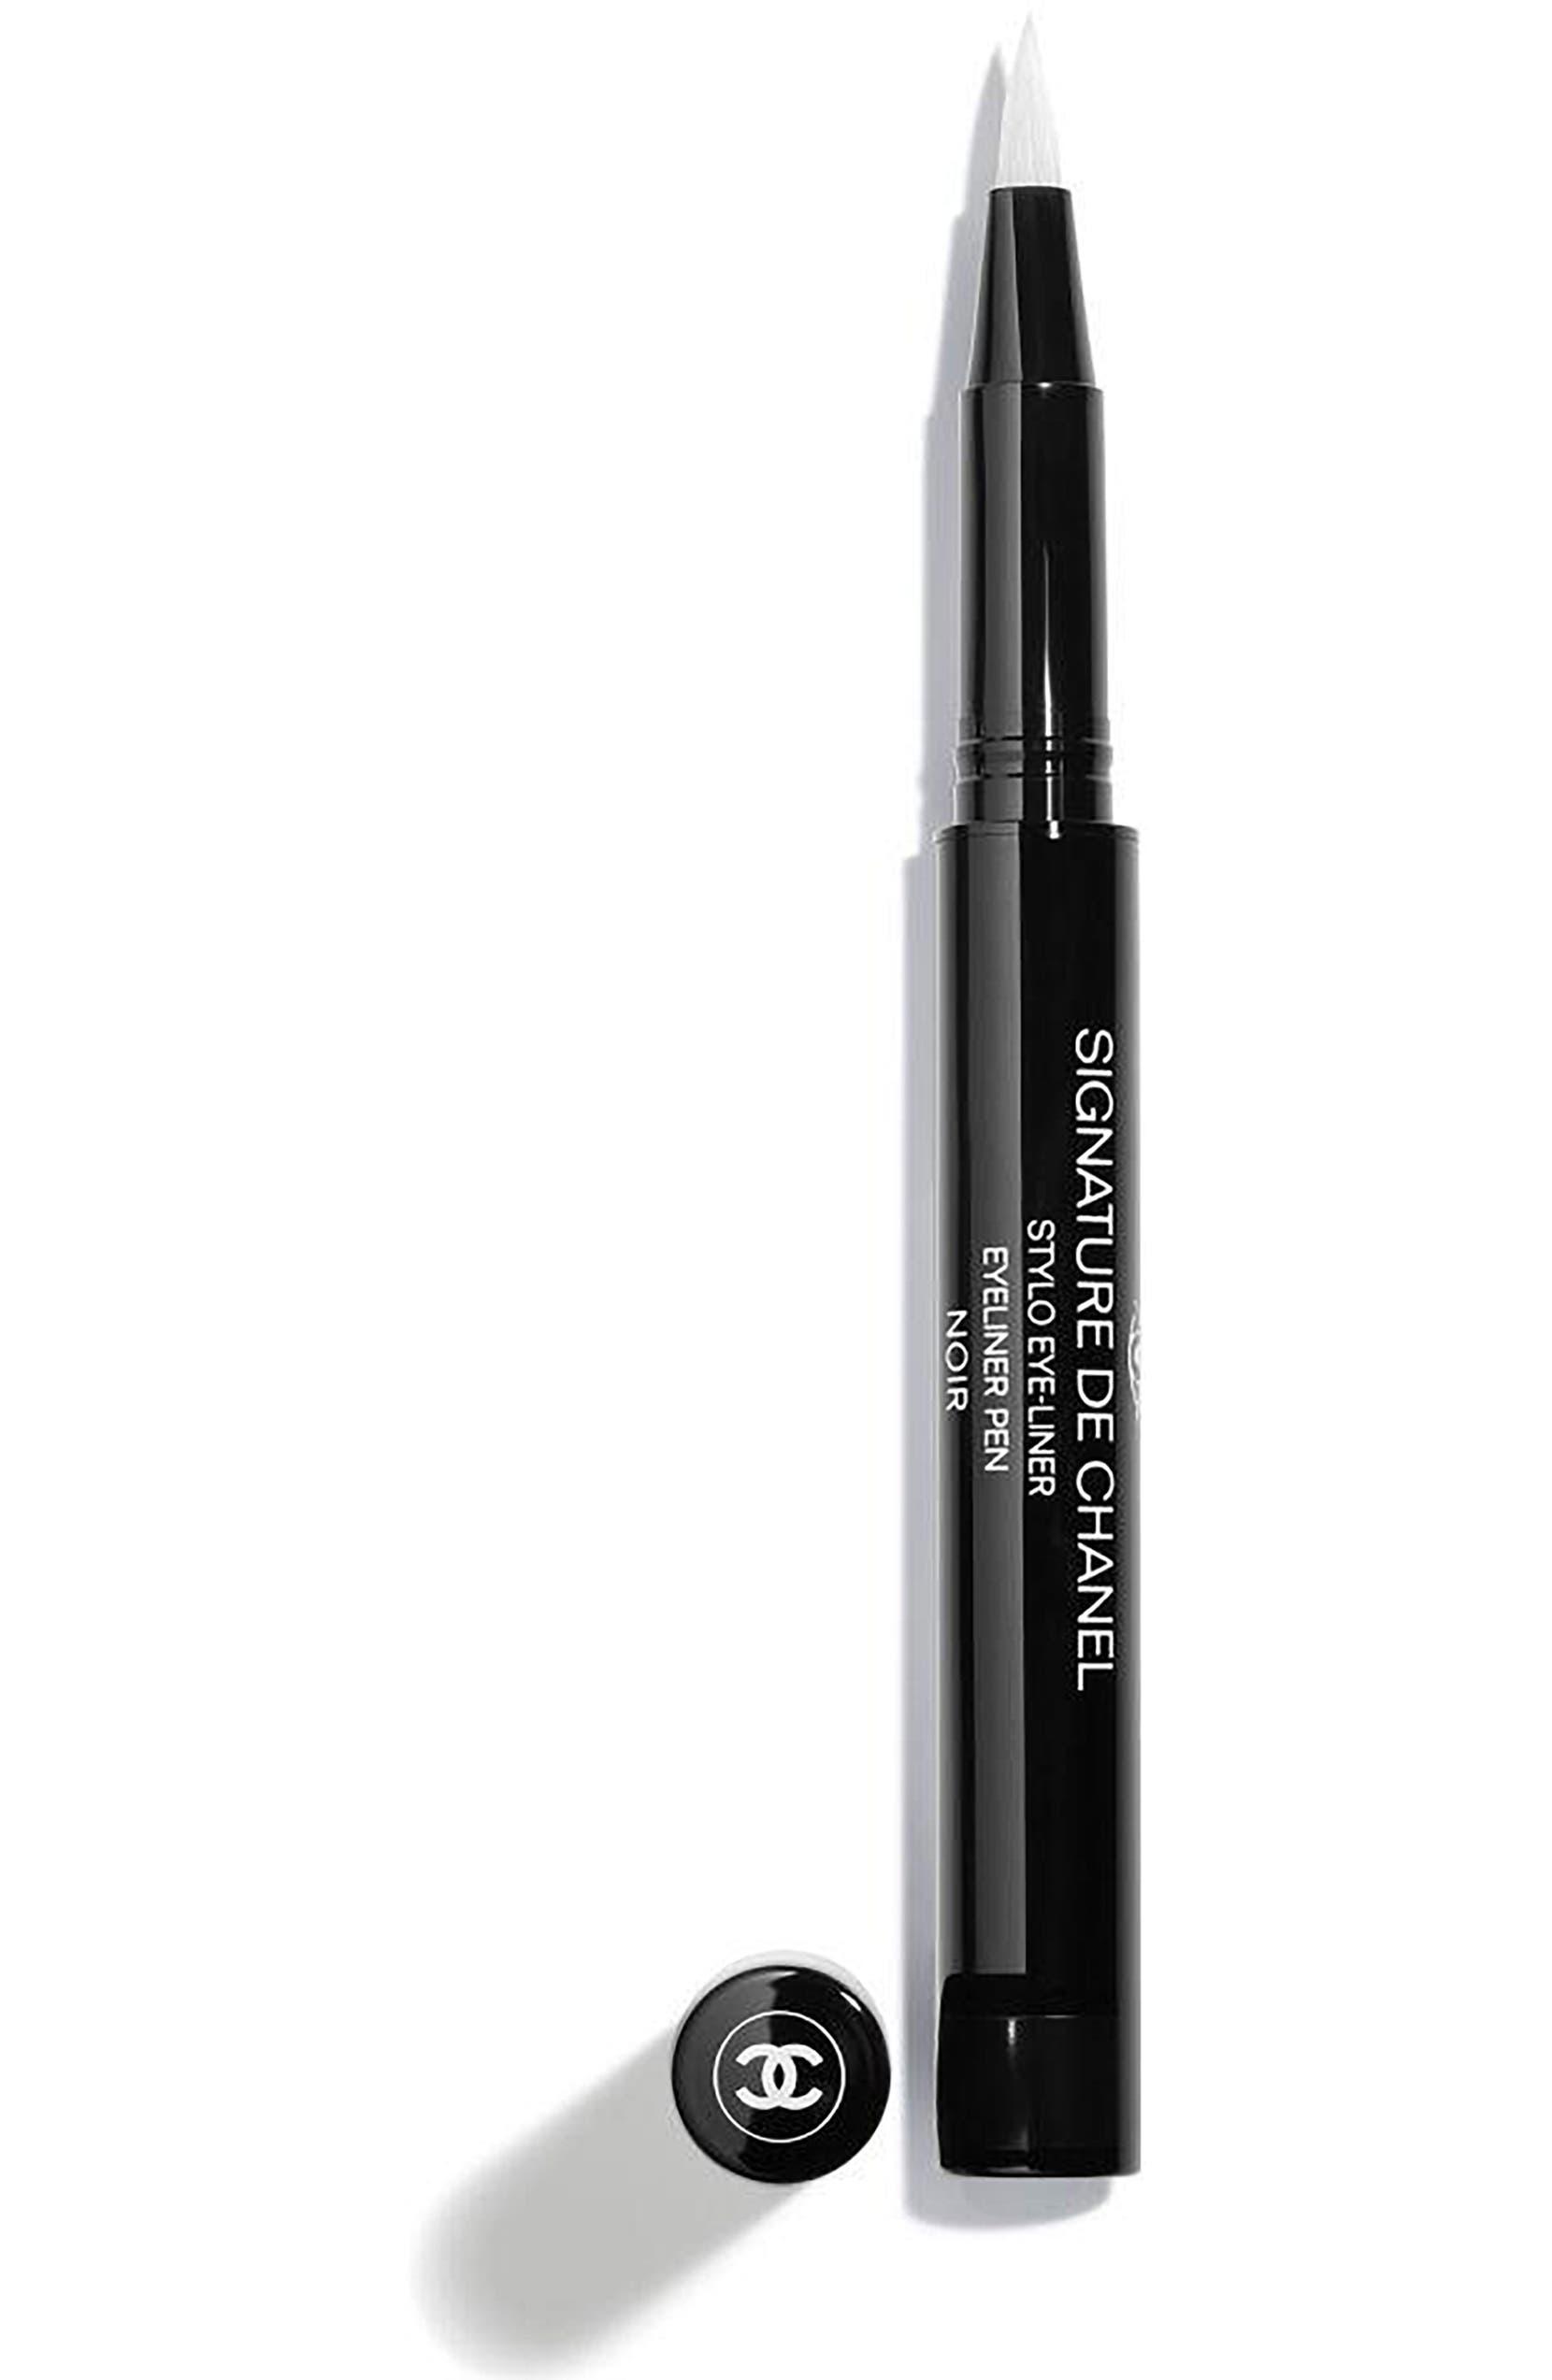 SIGNATURE DE CHANEL Intense Longwear Eyeliner Pen